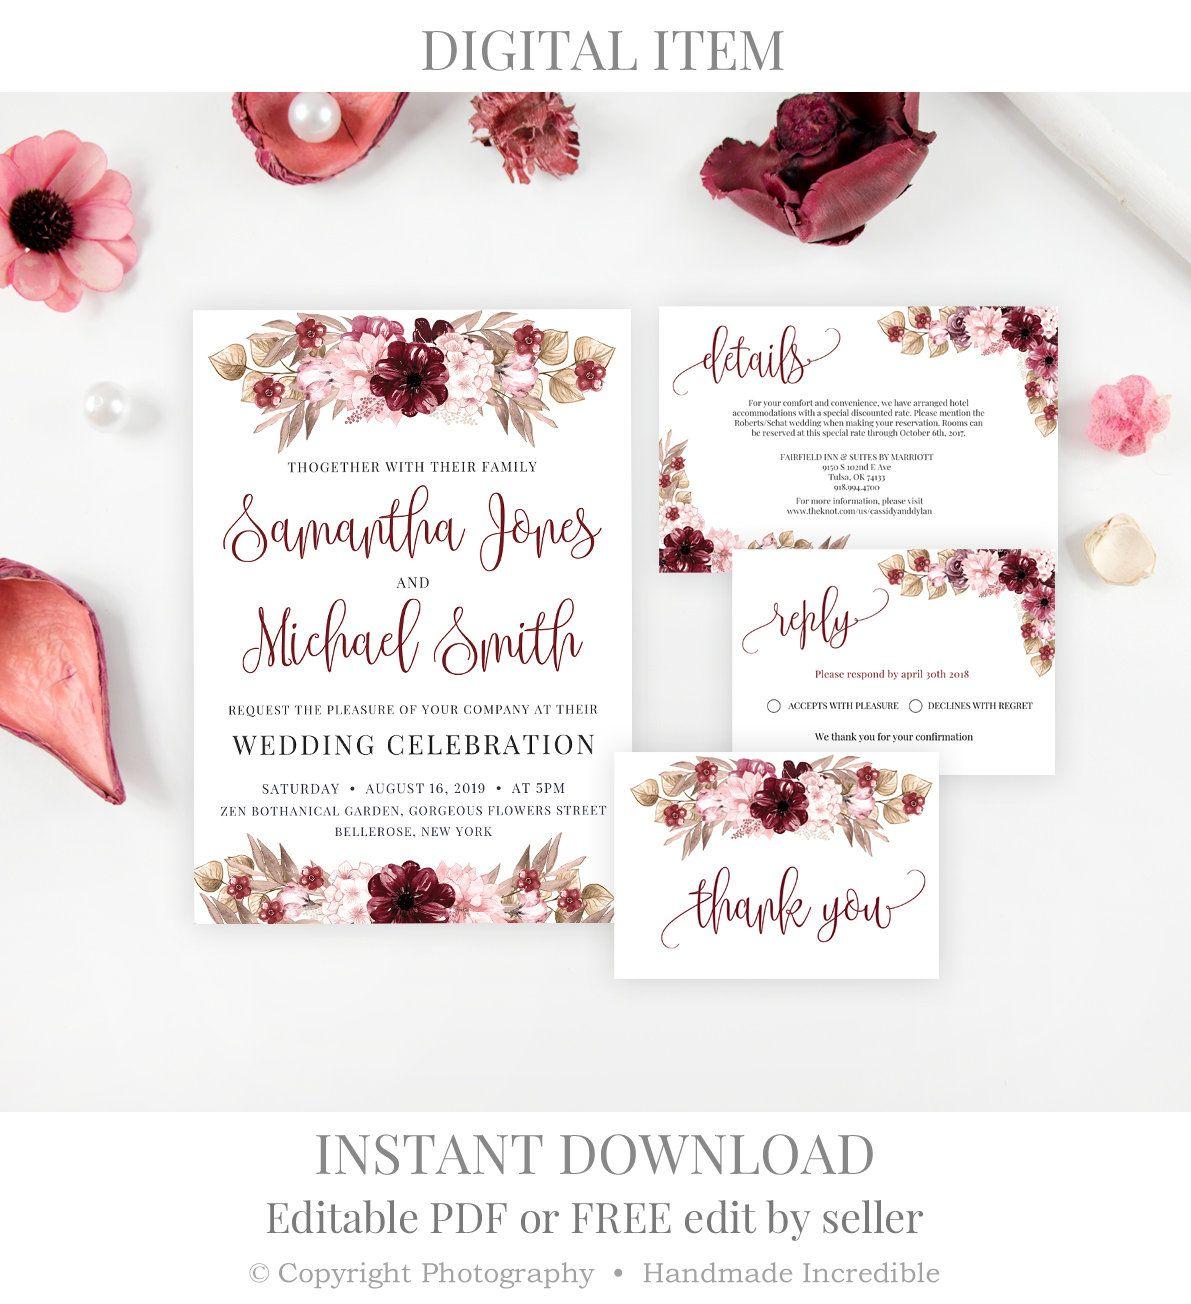 Burgundy Wedding Invitation Template Printable Marsala Floral Bohemian Wedding I Bohemian Wedding Invitations Burgundy Wedding Invitations Wedding Invitations